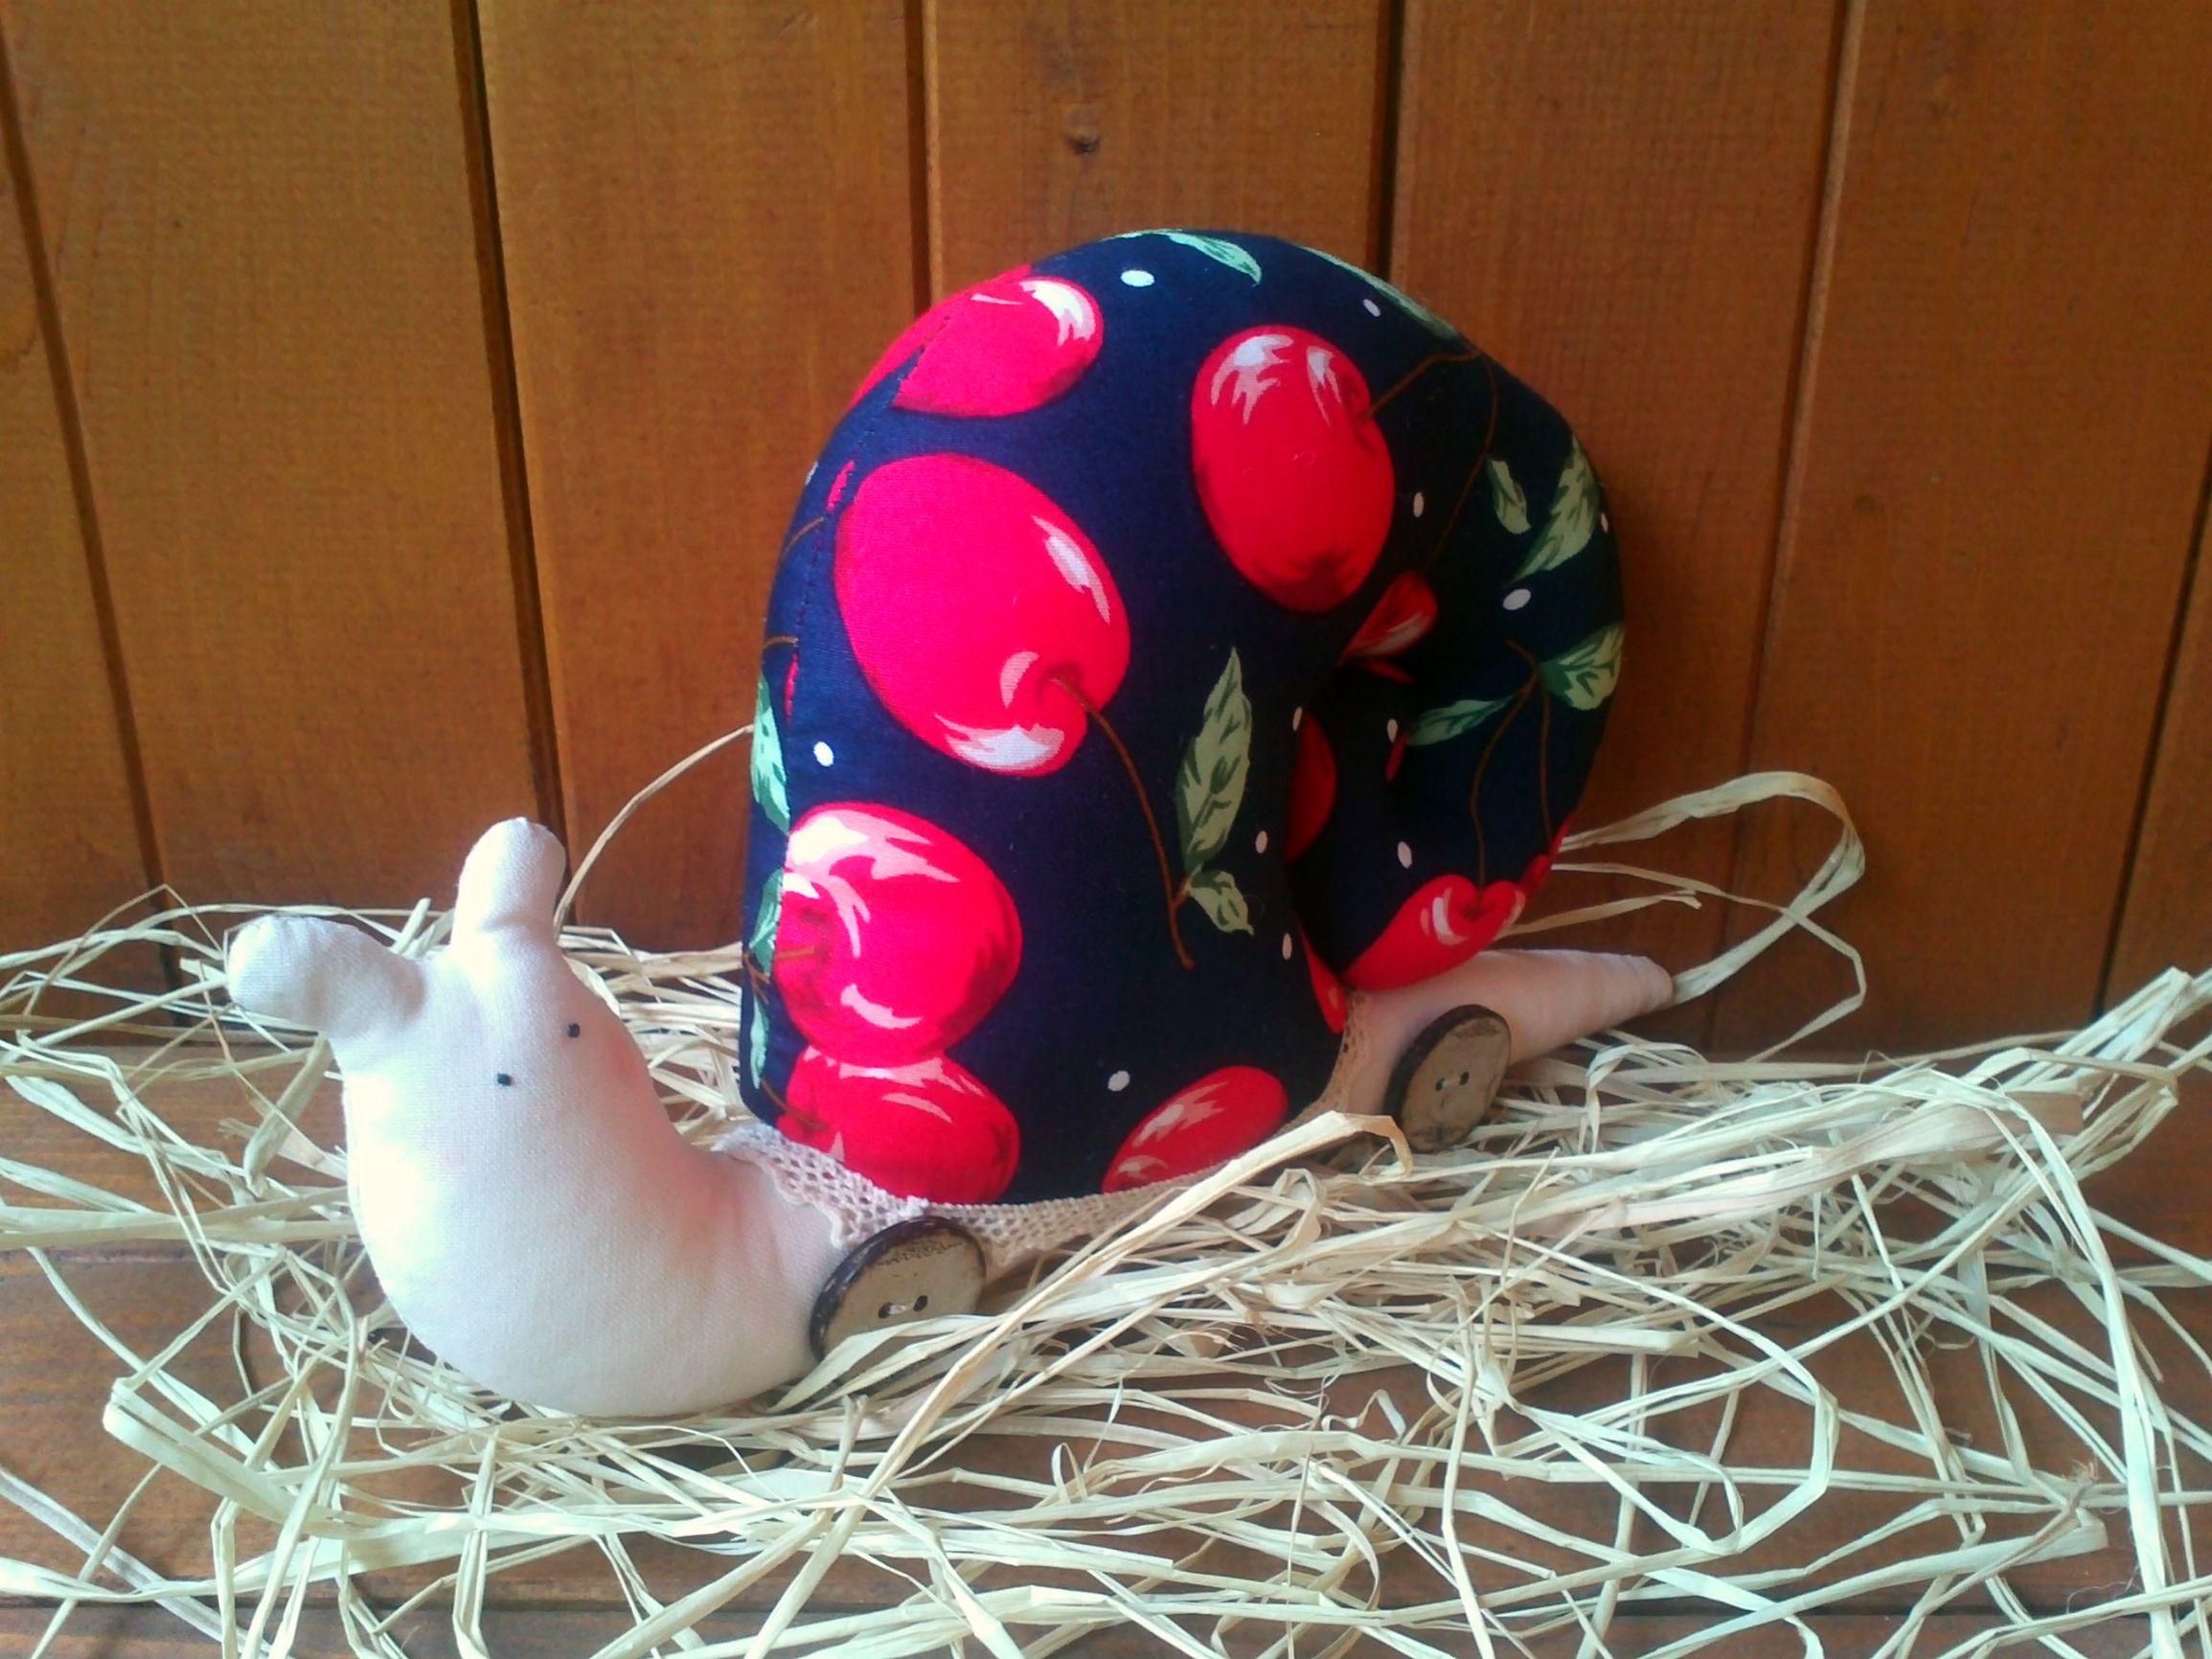 подарок случай вишня на коллекционирование текстиль тильда улитка любой